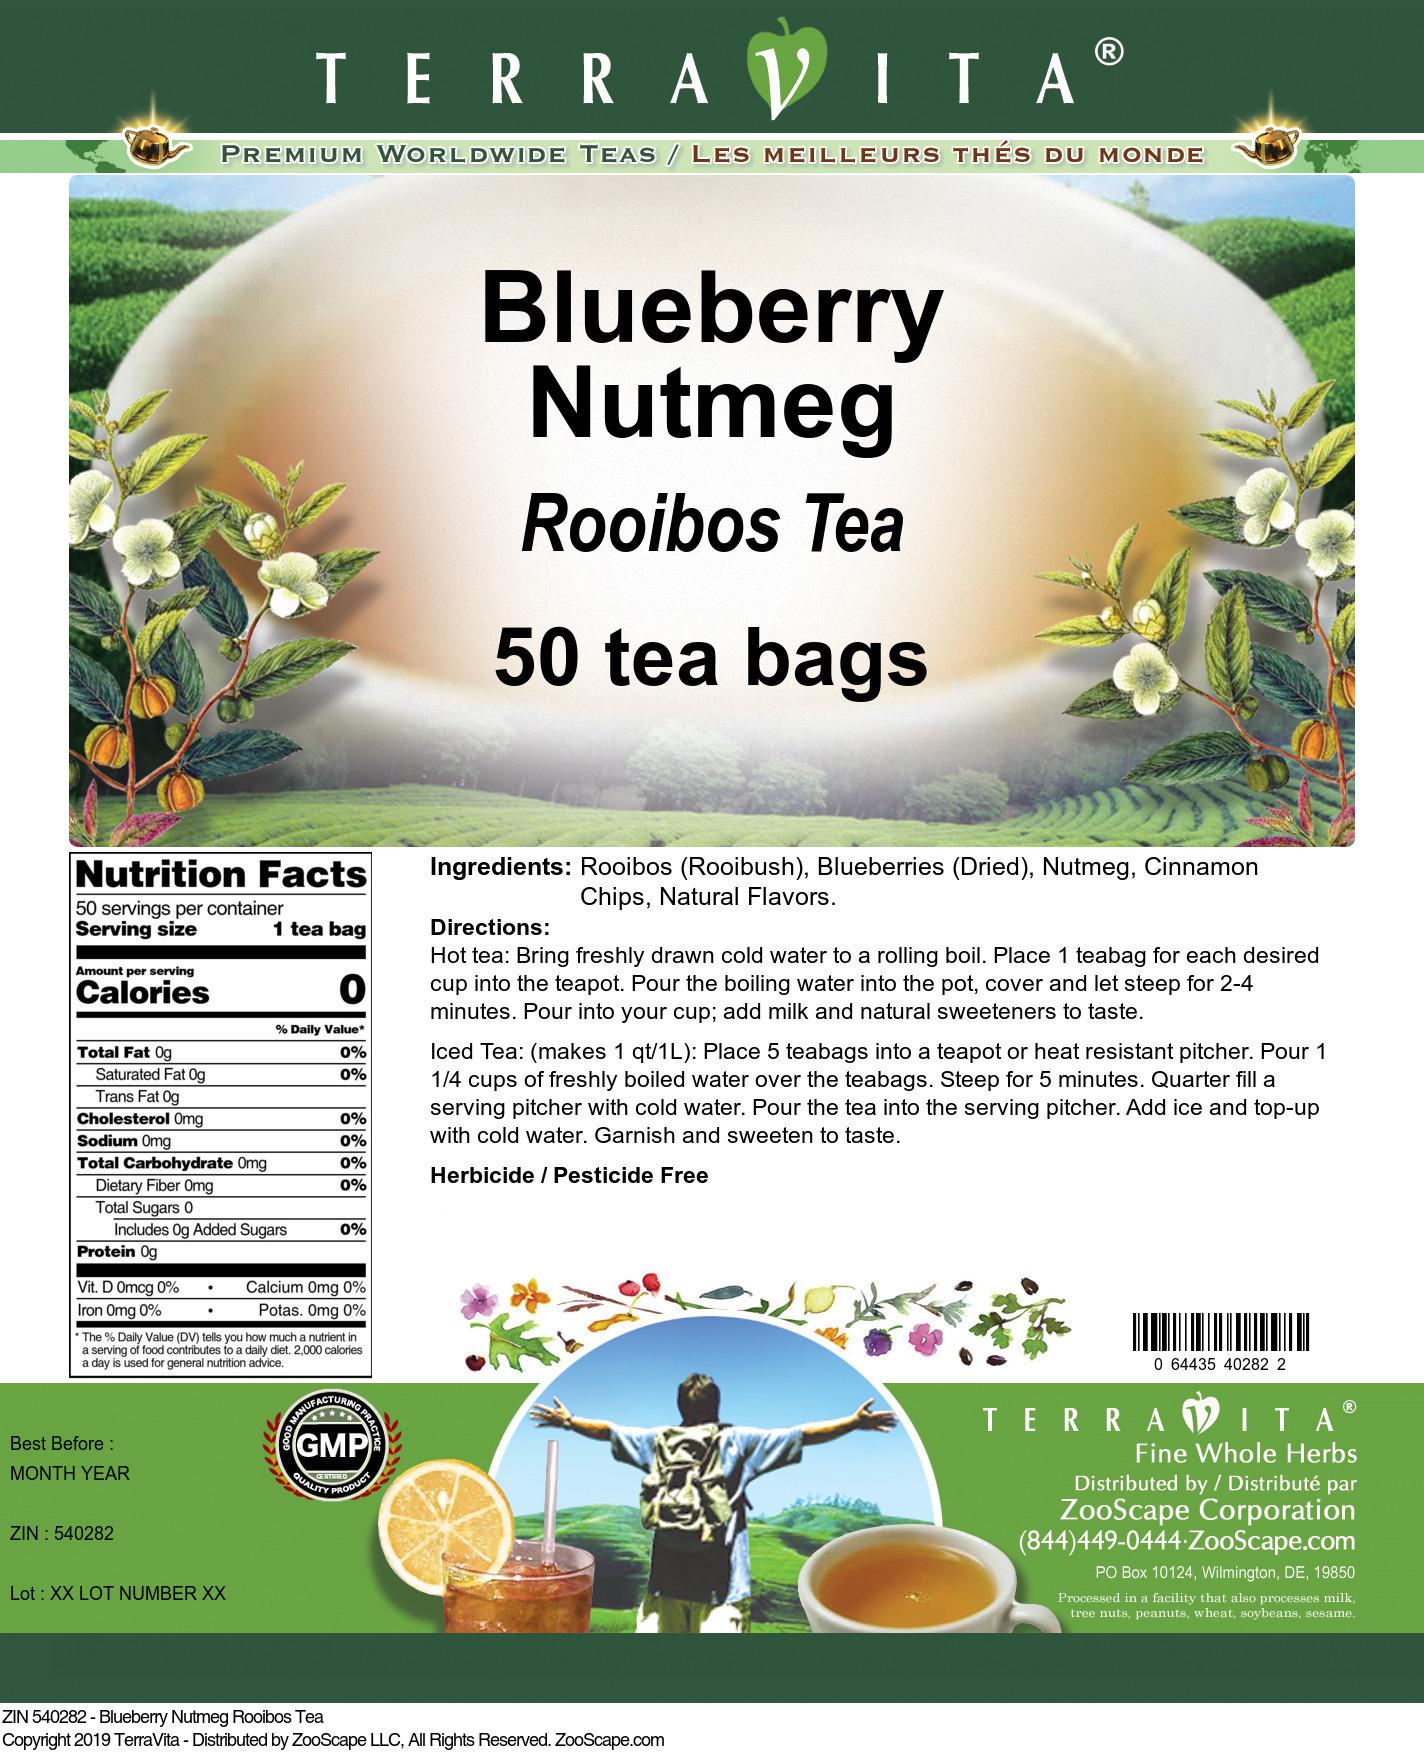 Blueberry Nutmeg Rooibos Tea